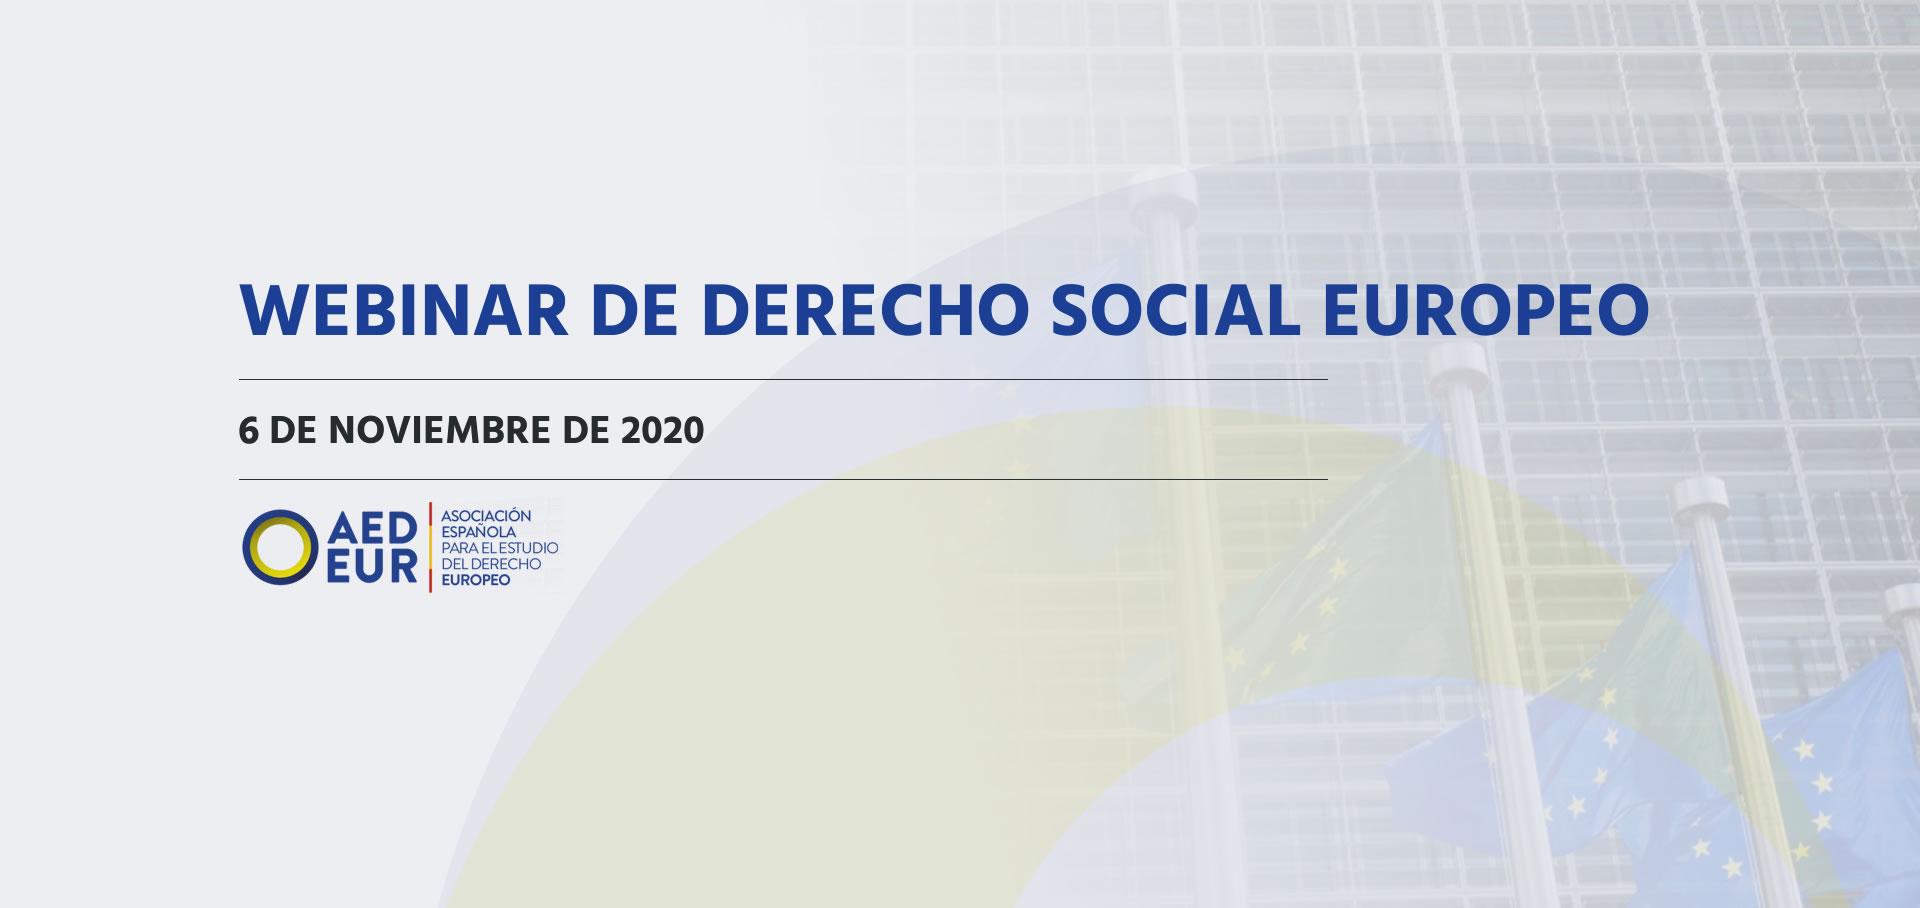 webinar-derecho-social-europeo-2020